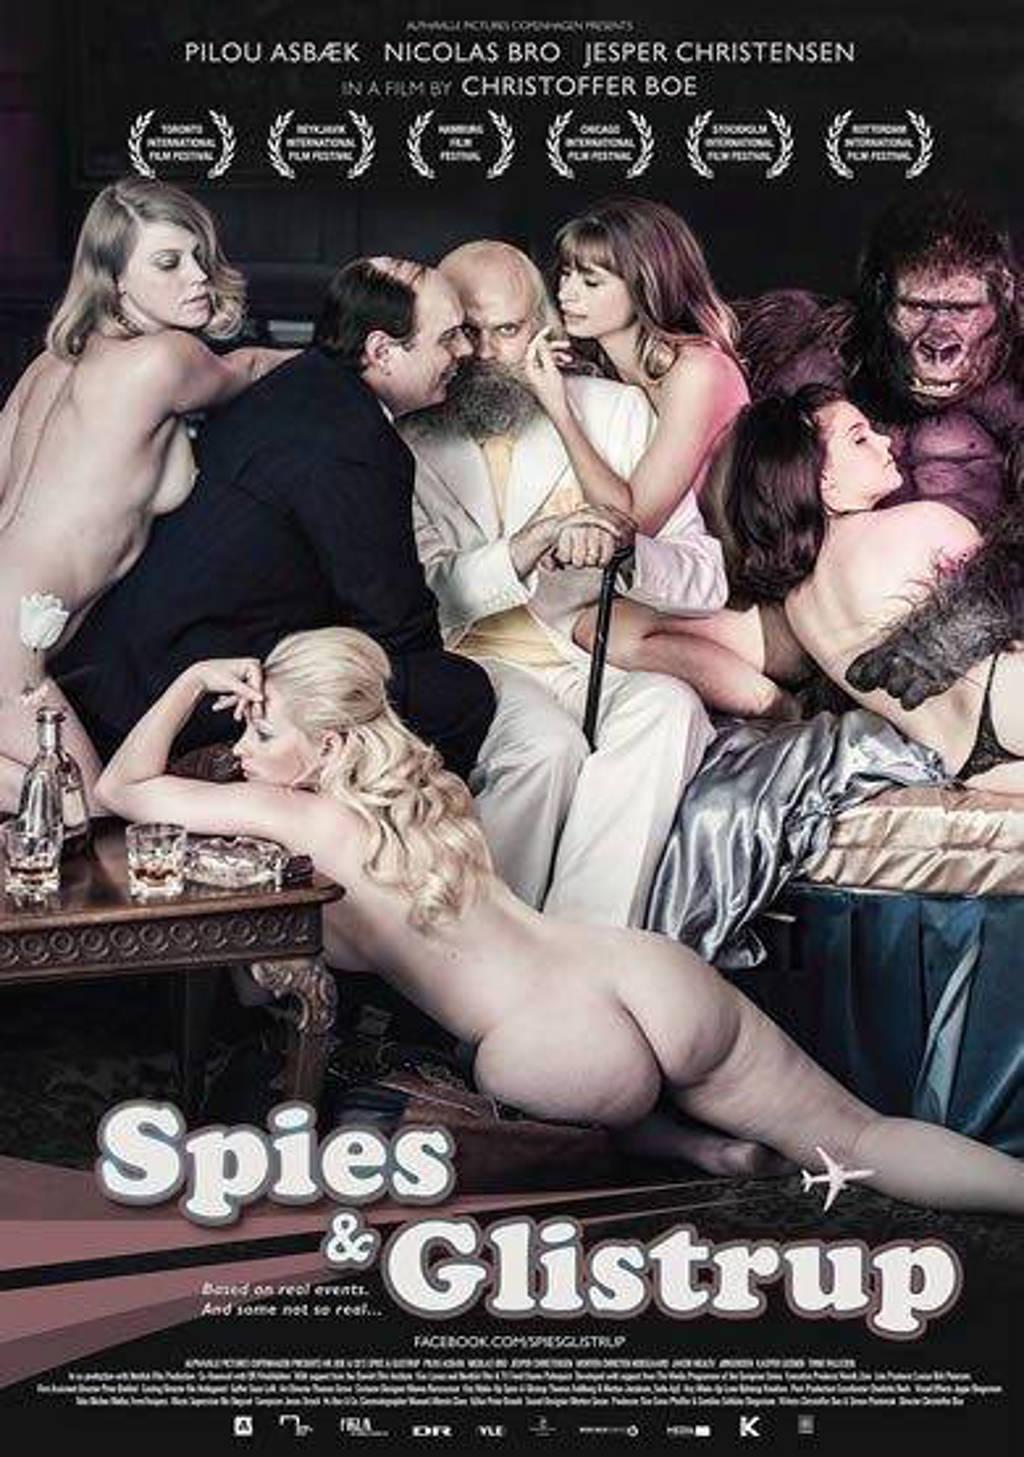 Spies & Glistrup (DVD)